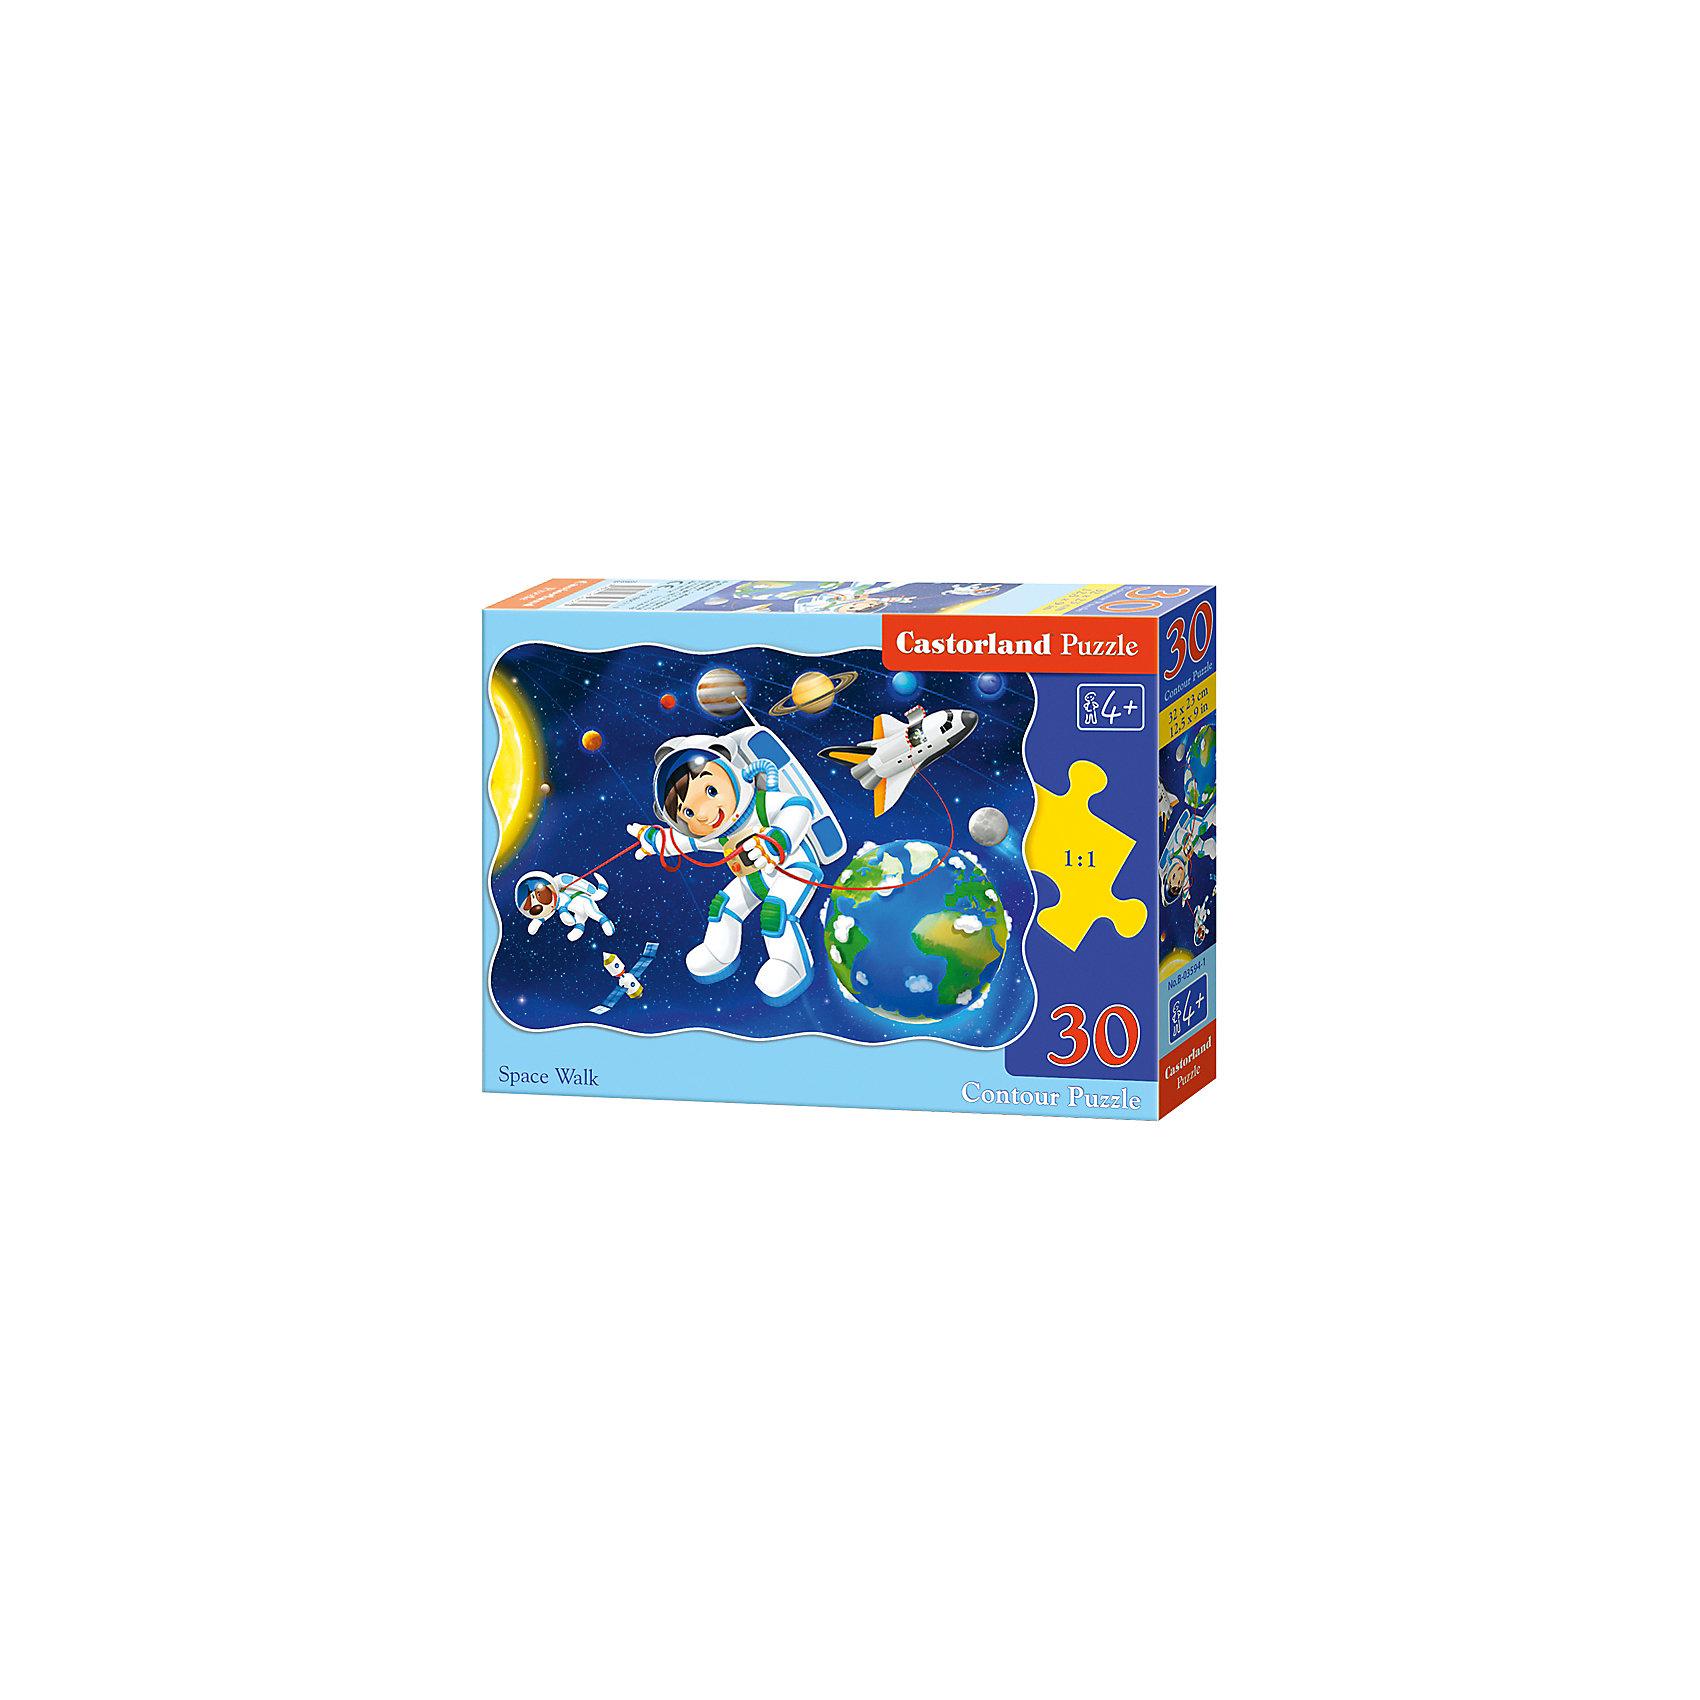 Пазл Castorland Открытый космос, 30 деталейПазлы для малышей<br>Характеристики:<br><br>• возраст: от 4 лет<br>• количество деталей: 30 шт.<br>• размер собранного пазла: 32х23 см.<br>• материал: картон<br>• упаковка: картонная коробка<br>• размер упаковки: 18x4x13 см.<br>• вес: 150 гр.<br>• страна обладатель бренда: Польша<br><br>Из 30 элементов пазла ребенок соберет красочную картинку с изображением юного астронавта и его верного пса в открытом космосе, на фоне космического шаттла, планет Солнечной системы, Солнца и Луны. Благодаря фигурной форме картинки, процесс сбора элементов в одно изображение будет увлекательным и интересным.<br><br>Пазл Открытый космос, 30 деталей, Castorland (Касторленд) можно купить в нашем интернет-магазине.<br><br>Ширина мм: 180<br>Глубина мм: 130<br>Высота мм: 40<br>Вес г: 150<br>Возраст от месяцев: 48<br>Возраст до месяцев: 2147483647<br>Пол: Мужской<br>Возраст: Детский<br>SKU: 6725085